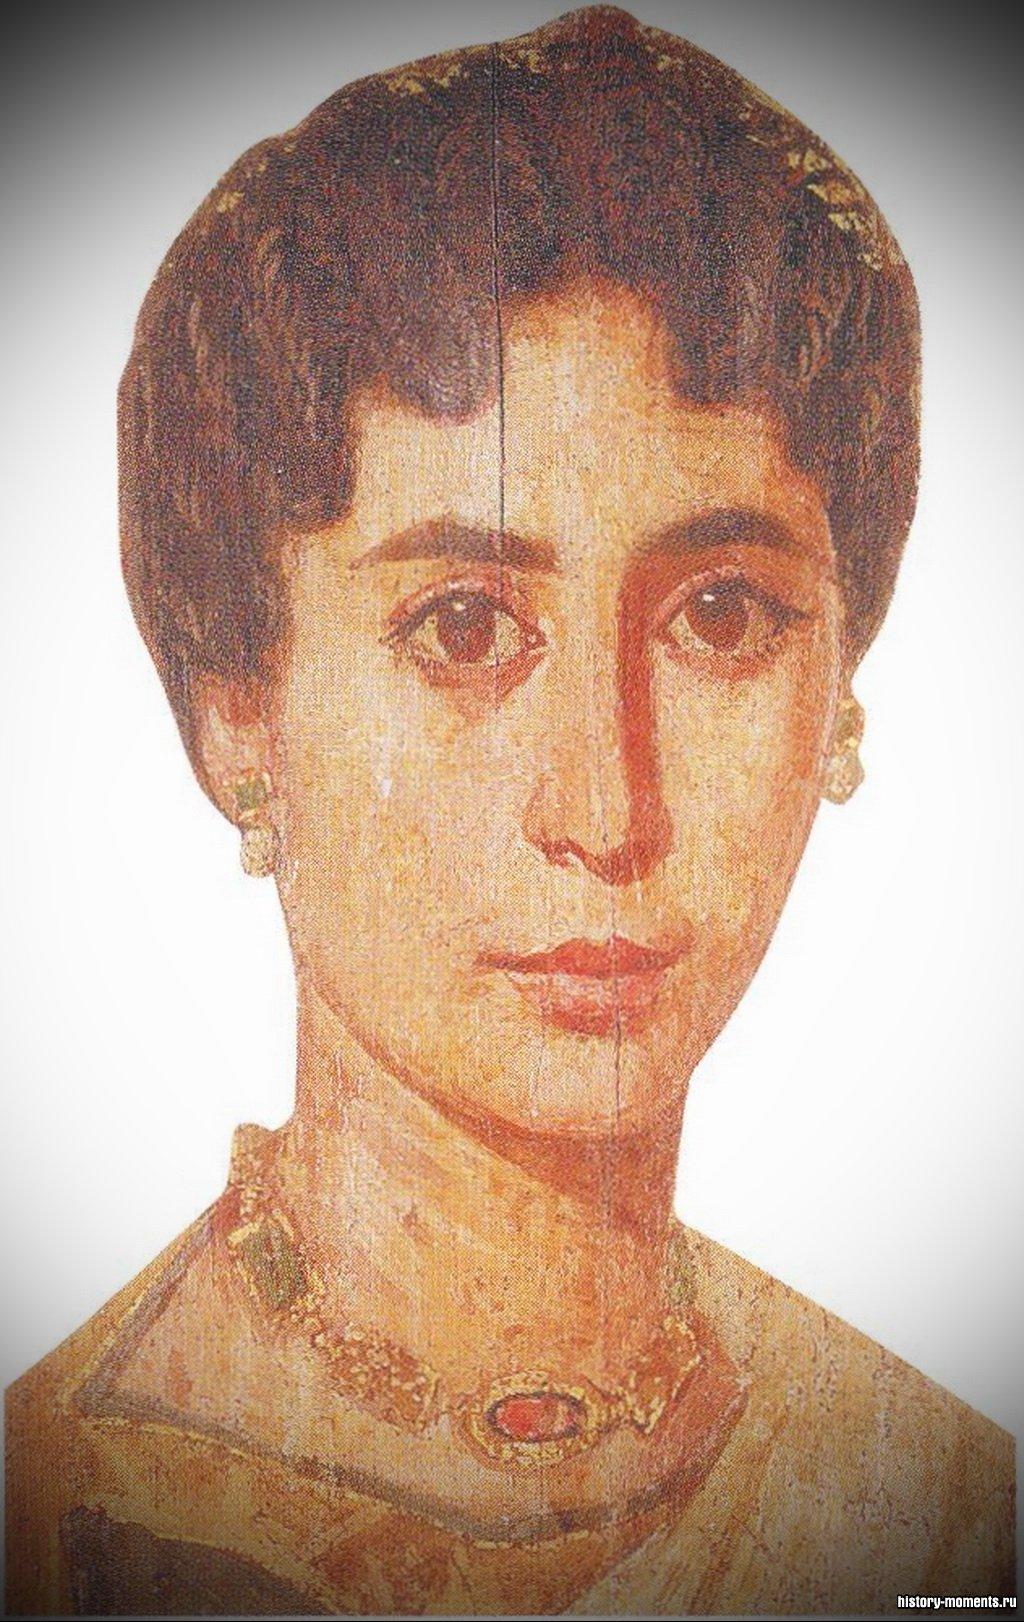 Римский портрет, обнаруженный на одном из саркофагов в Египте, продолжает традицию надгробных изображений умерших.